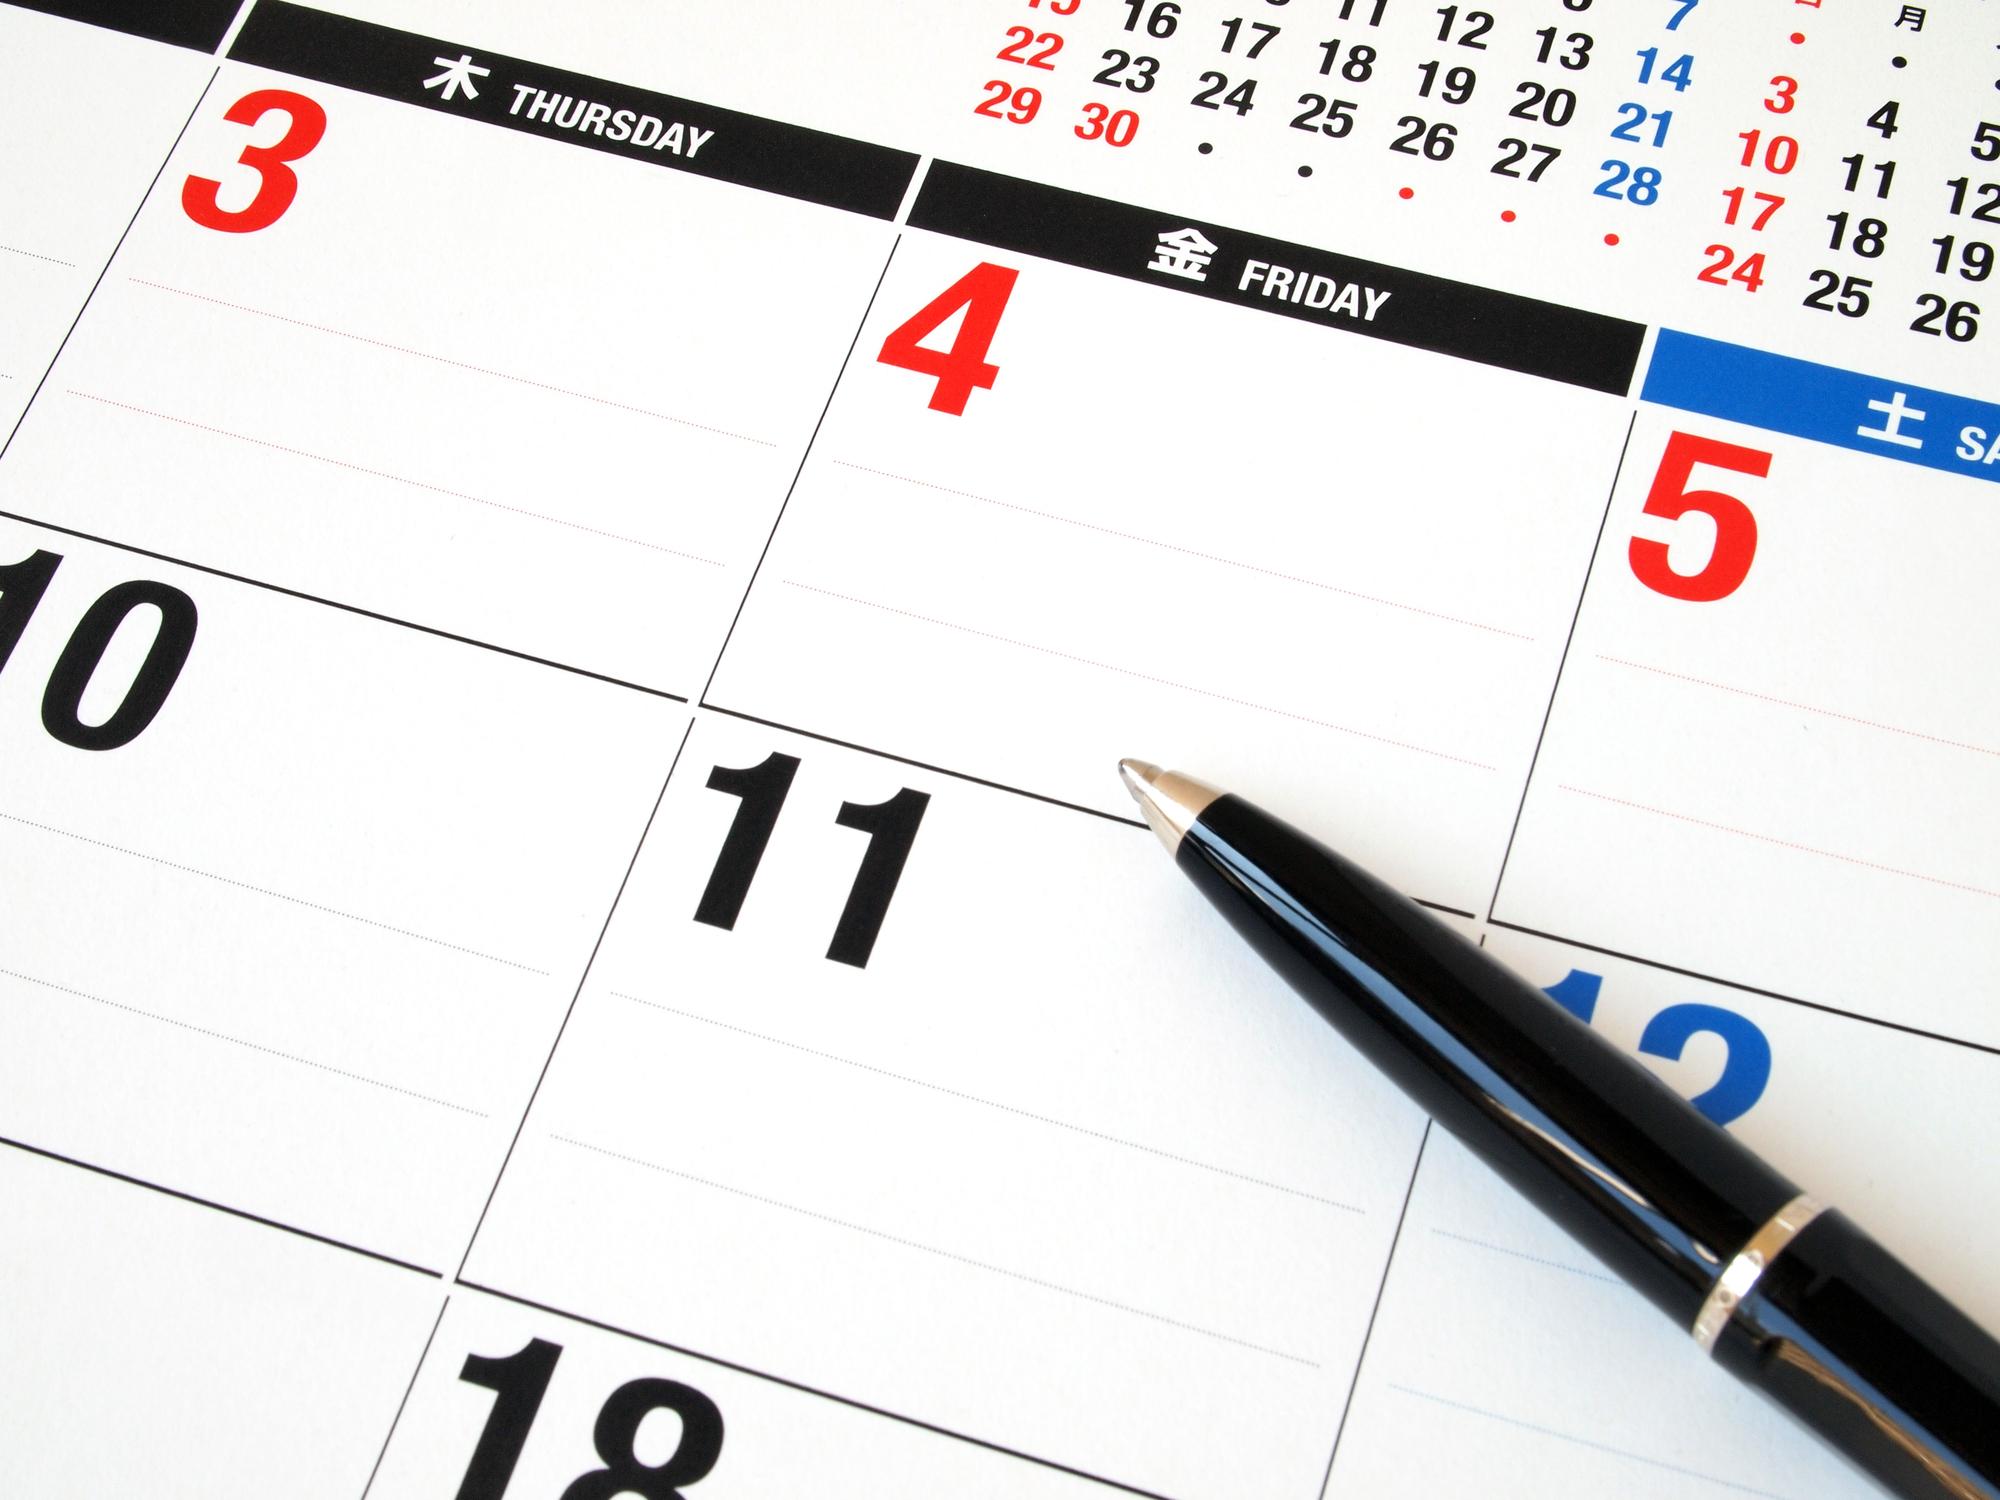 労働基準法上の休日の定義とは?最低年間休日や罰則を解説